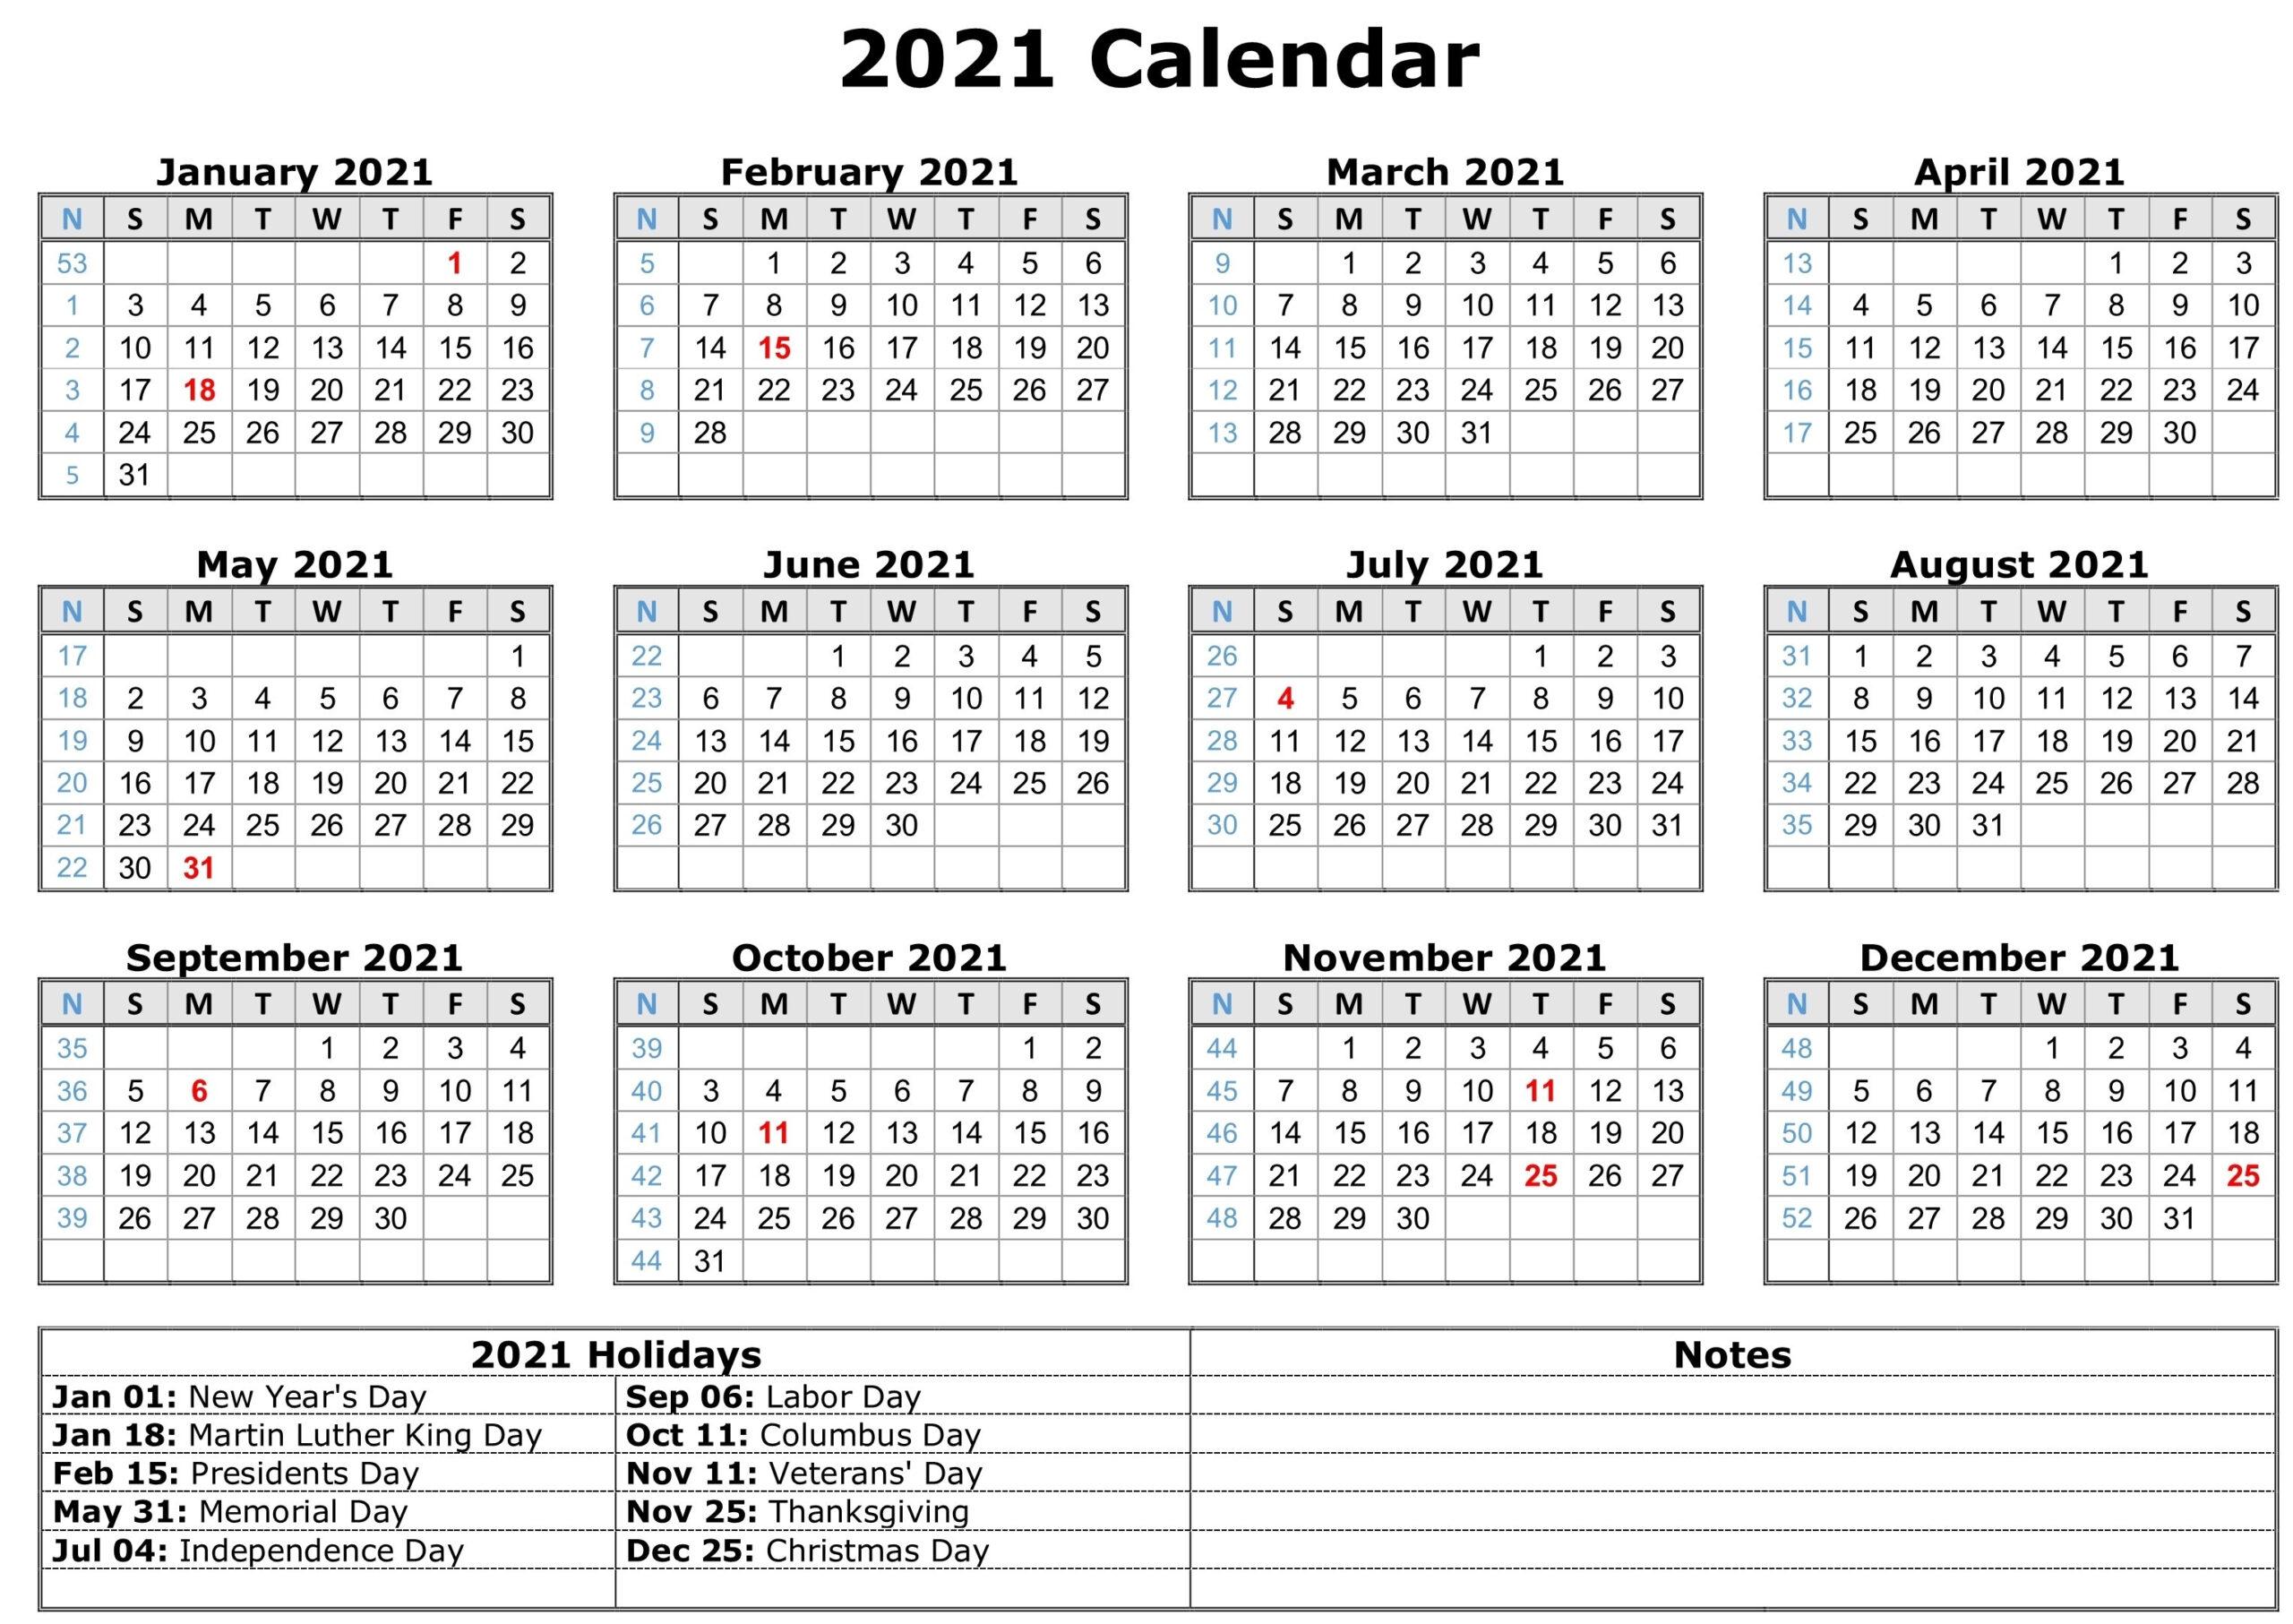 4 Month Fillable Calendar 2021 - Template Calendar Design-Printable Bill Payment Calendar 2021